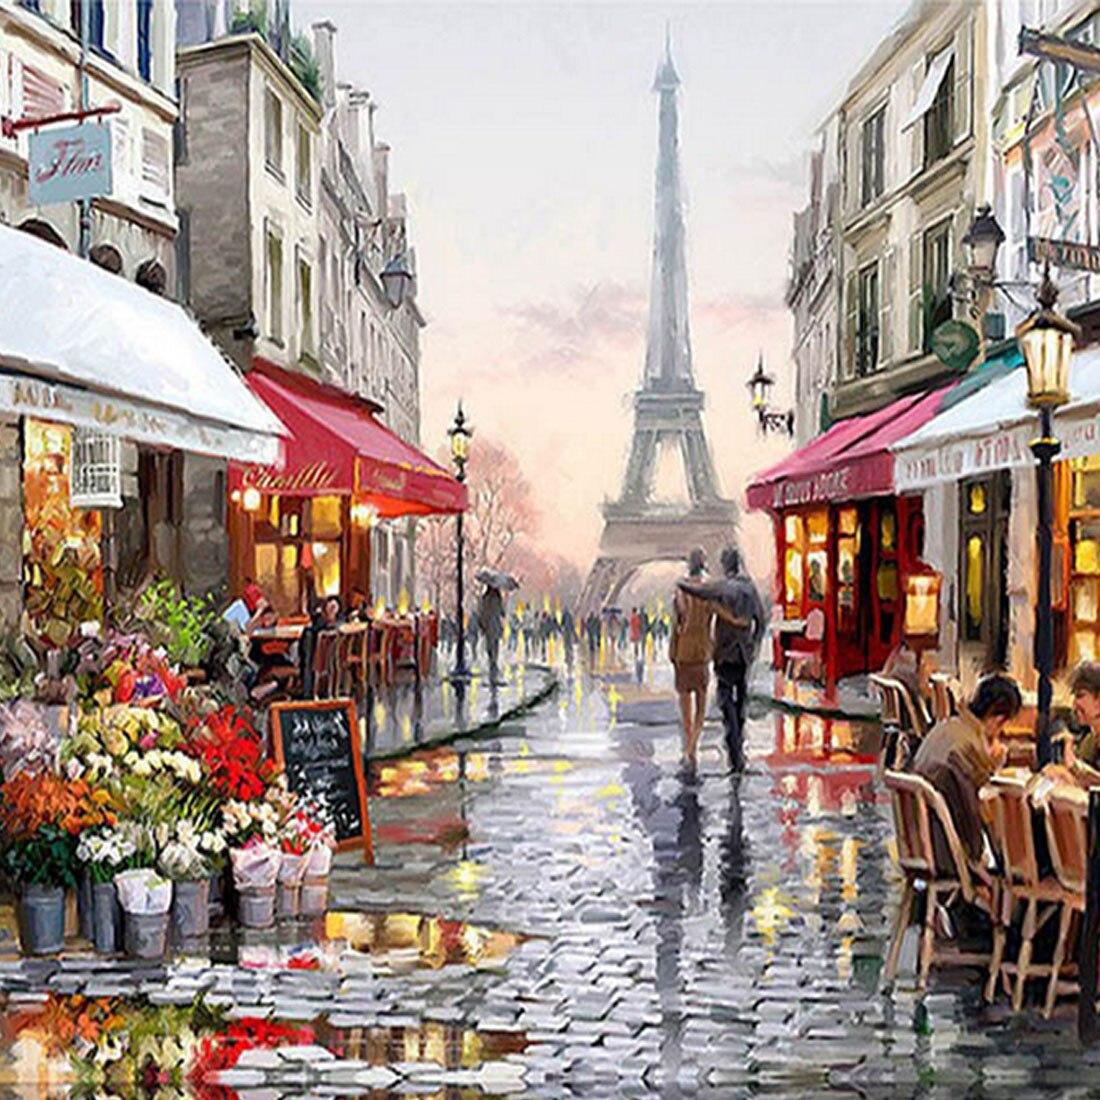 Лидер продаж обрамленная картина живопись по номерам Аннотация улиц Парижа DIY картина маслом на холсте украшения дома 40*50 см